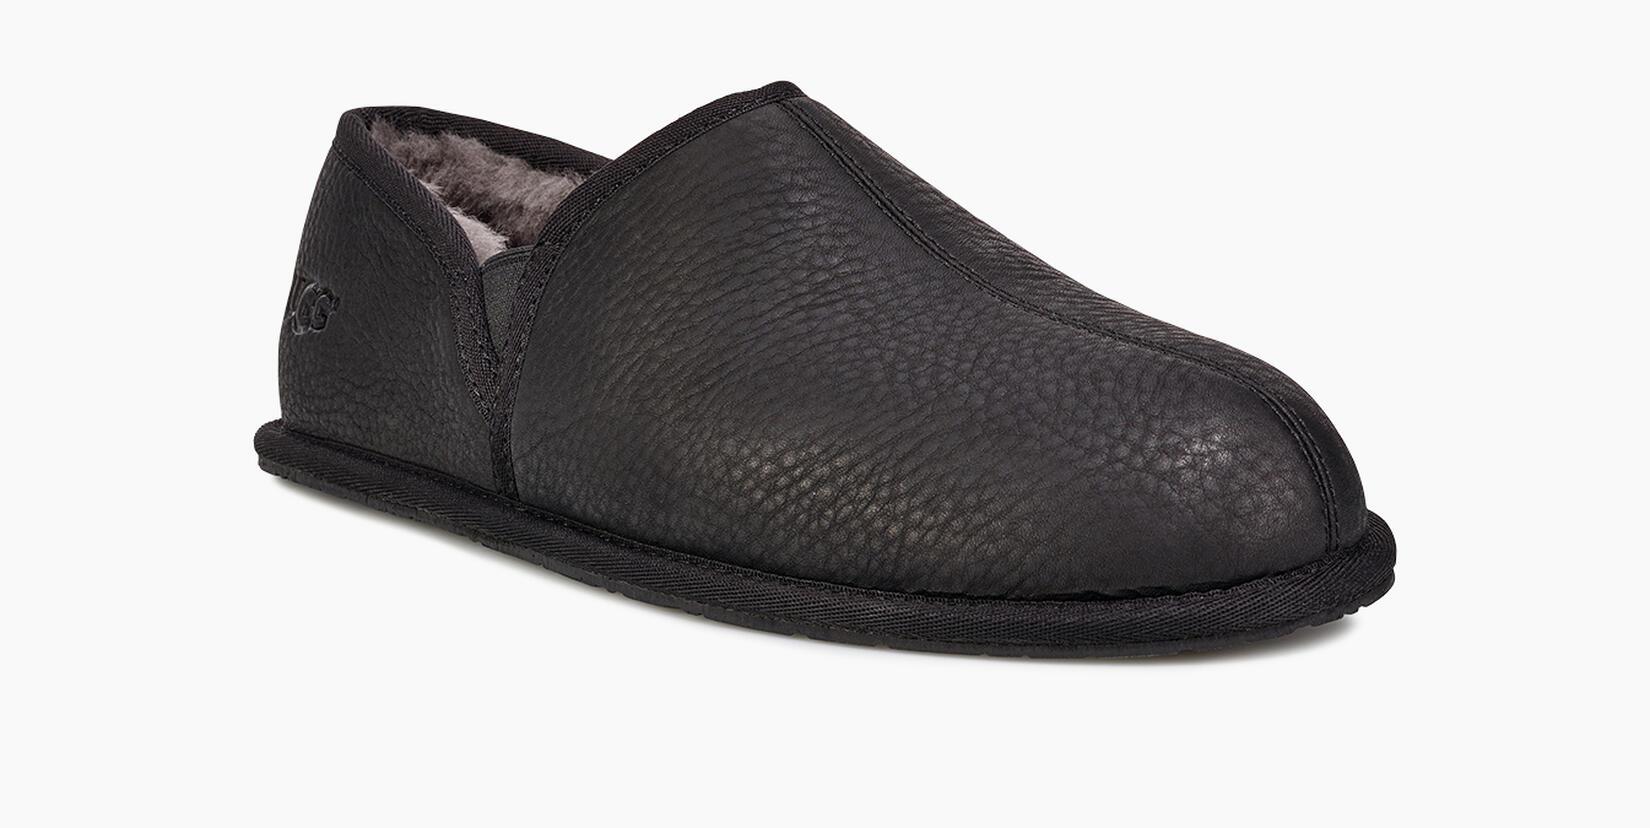 Scuff Romeo Ii Leather Slipper